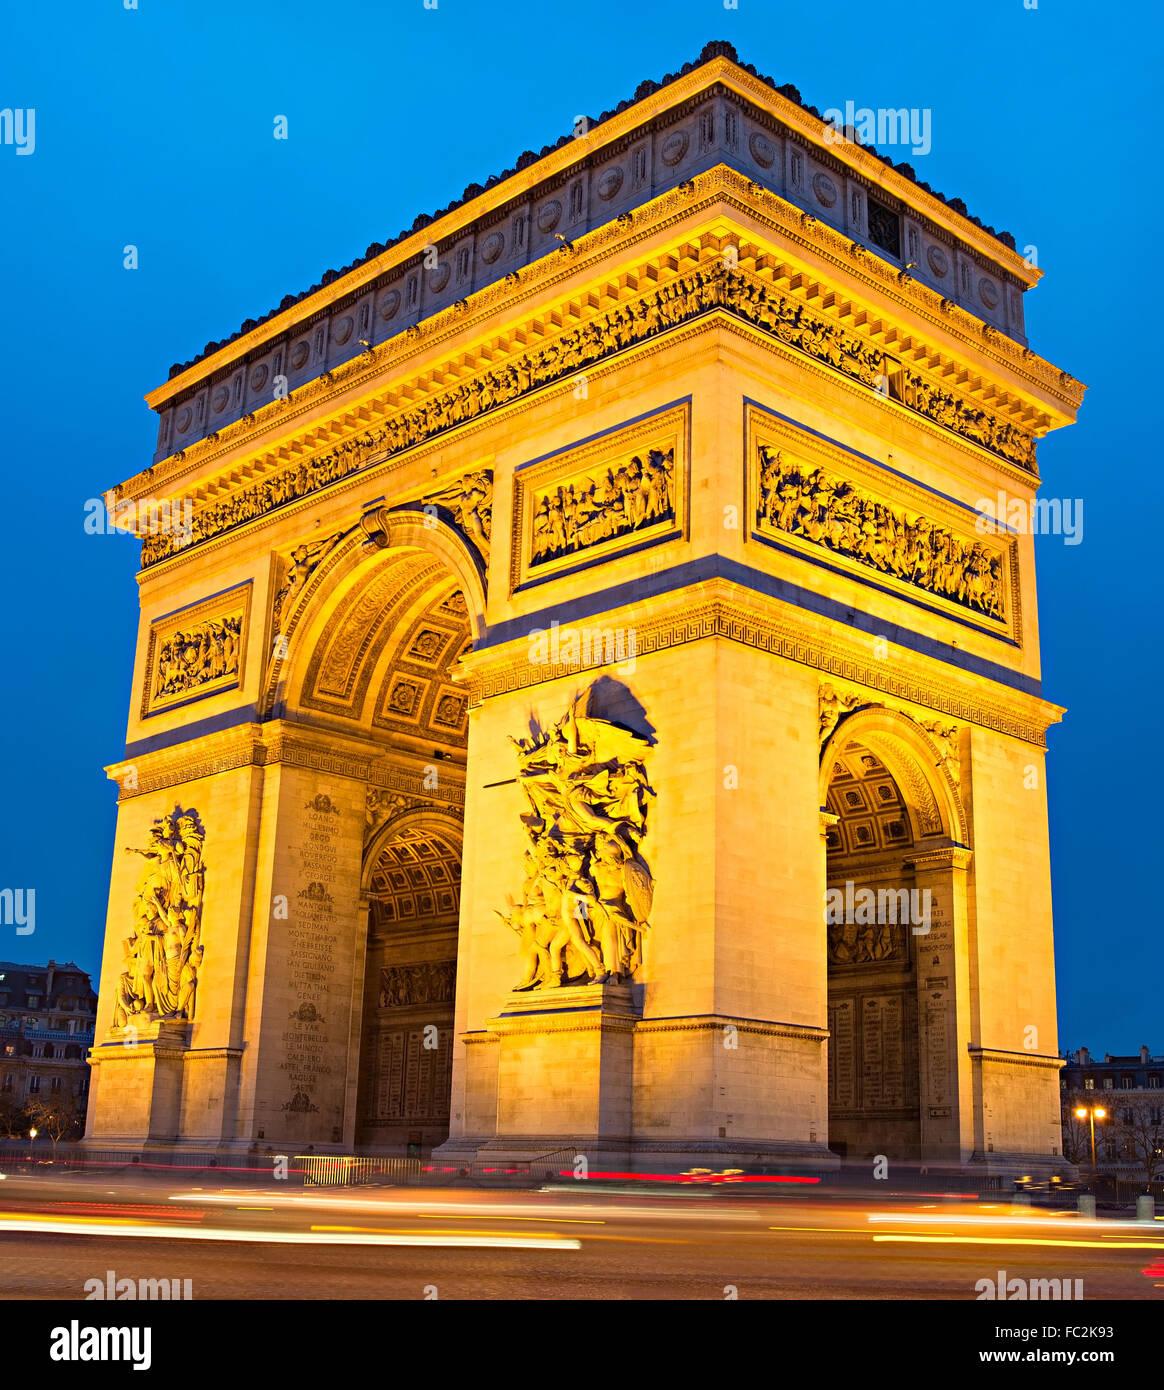 Triumphal Arch at dusk, Paris - Stock Image